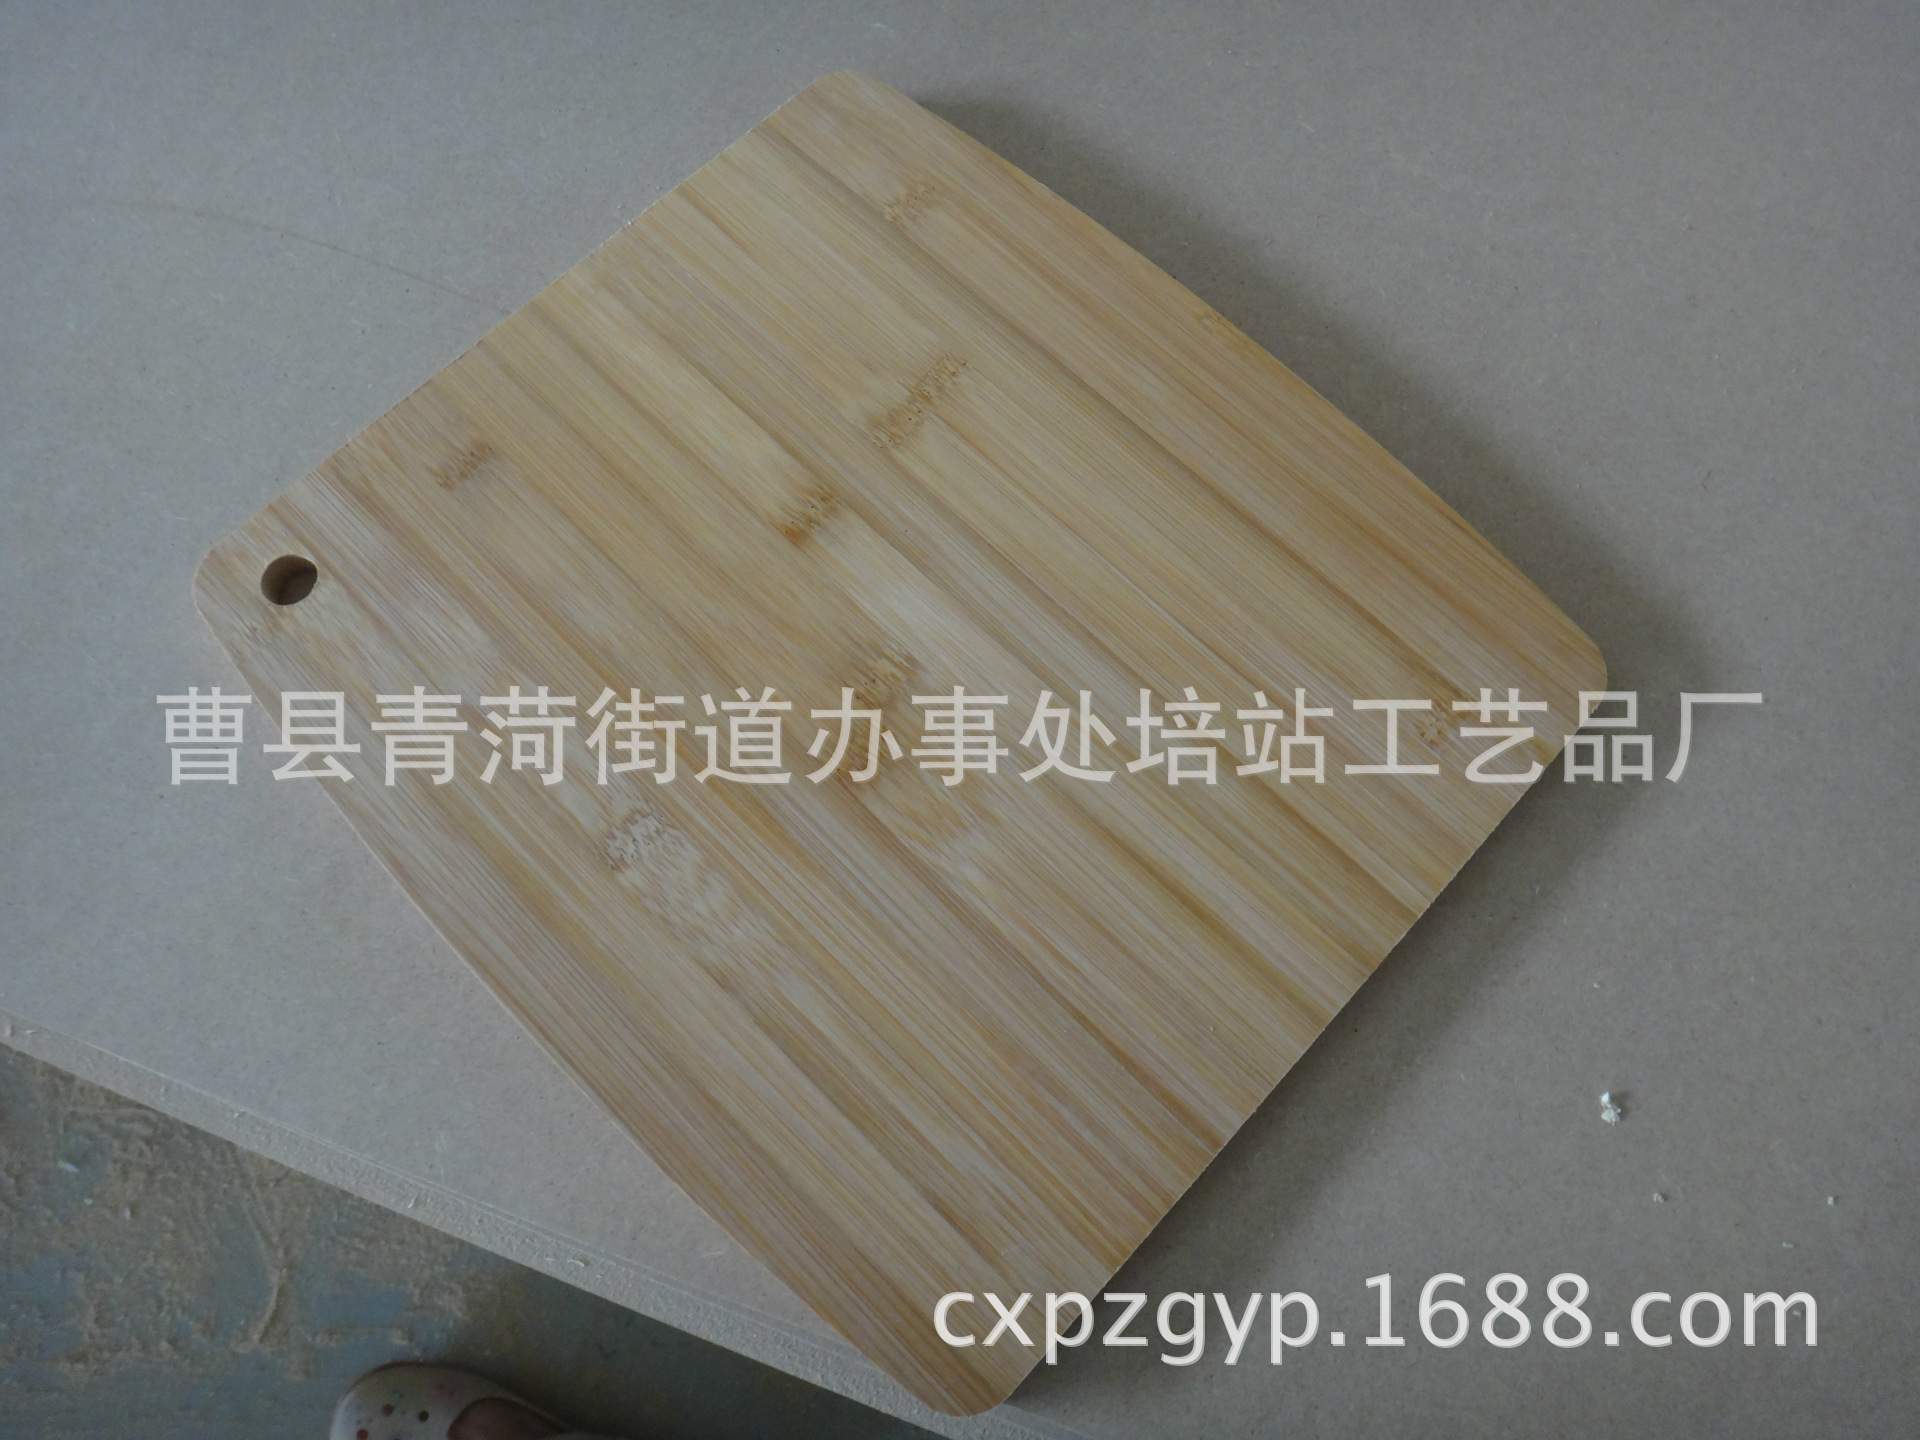 竹子菜板 日用百货 厨具 菜板